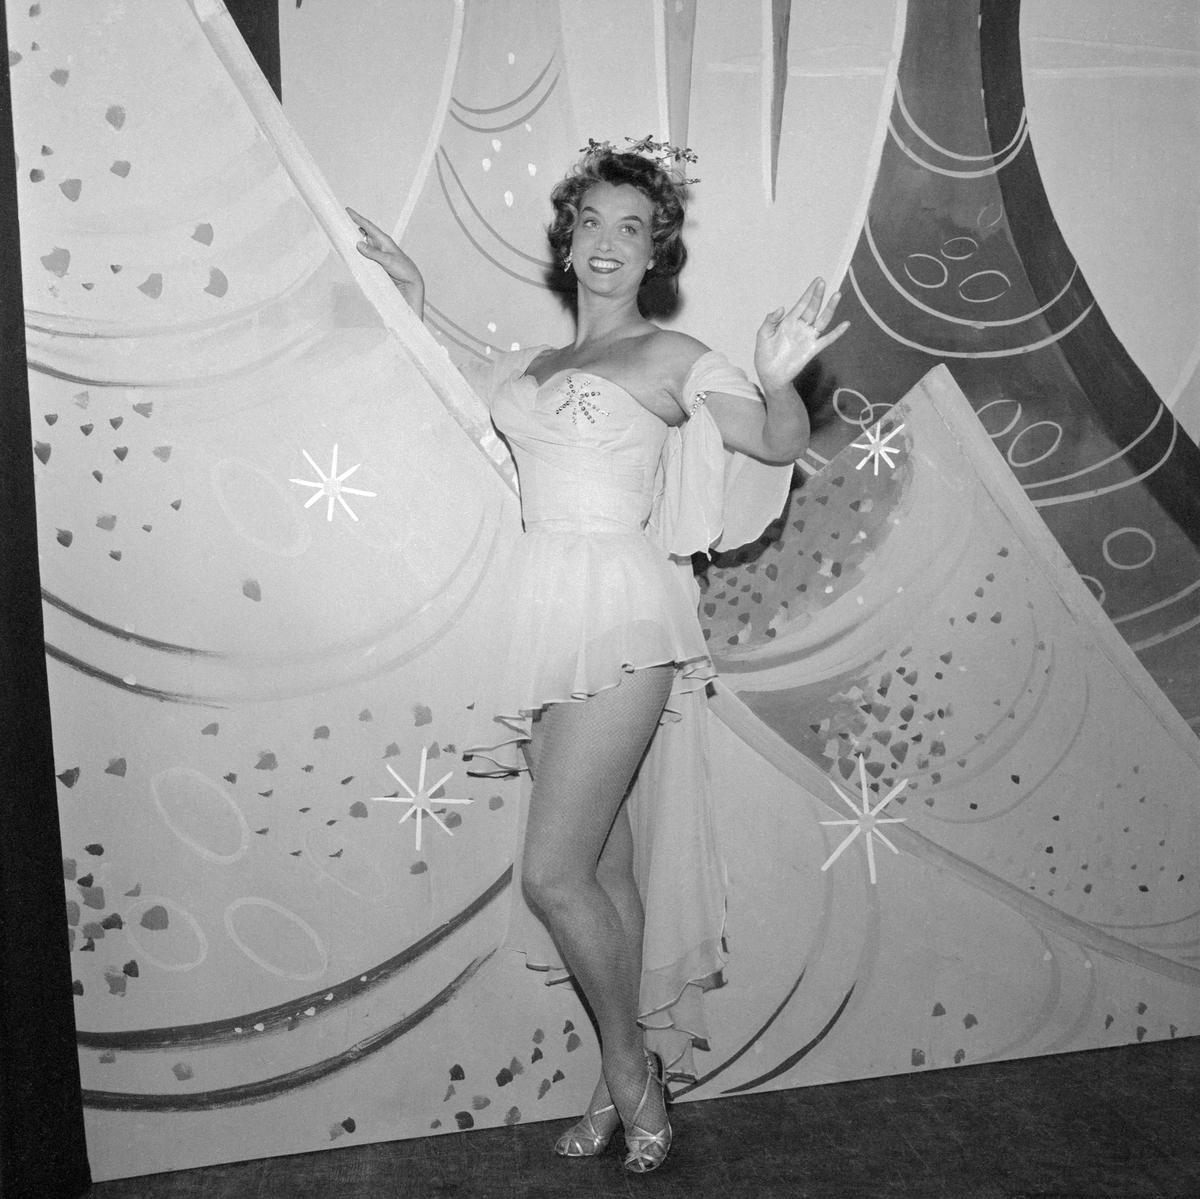 """Från debuten 1936 kom revy- och operettsångerskan Ester Estéry att medverka i ett otal uppsättningar vid teatern och turnerande revysällskap. Bakom artistnamnet döljer sig dopnamnen Ester Svensson och vidare Bergström efter hennes giftemål med kuplettförfattaren Tor Bergström (signaturen """"Herr Dardanell""""). Här ses hon i uppsättningen av 1959 års Klangerevy, """"Fortfarande folket"""", under premiären i Mjölby folkpark den 23 maj."""